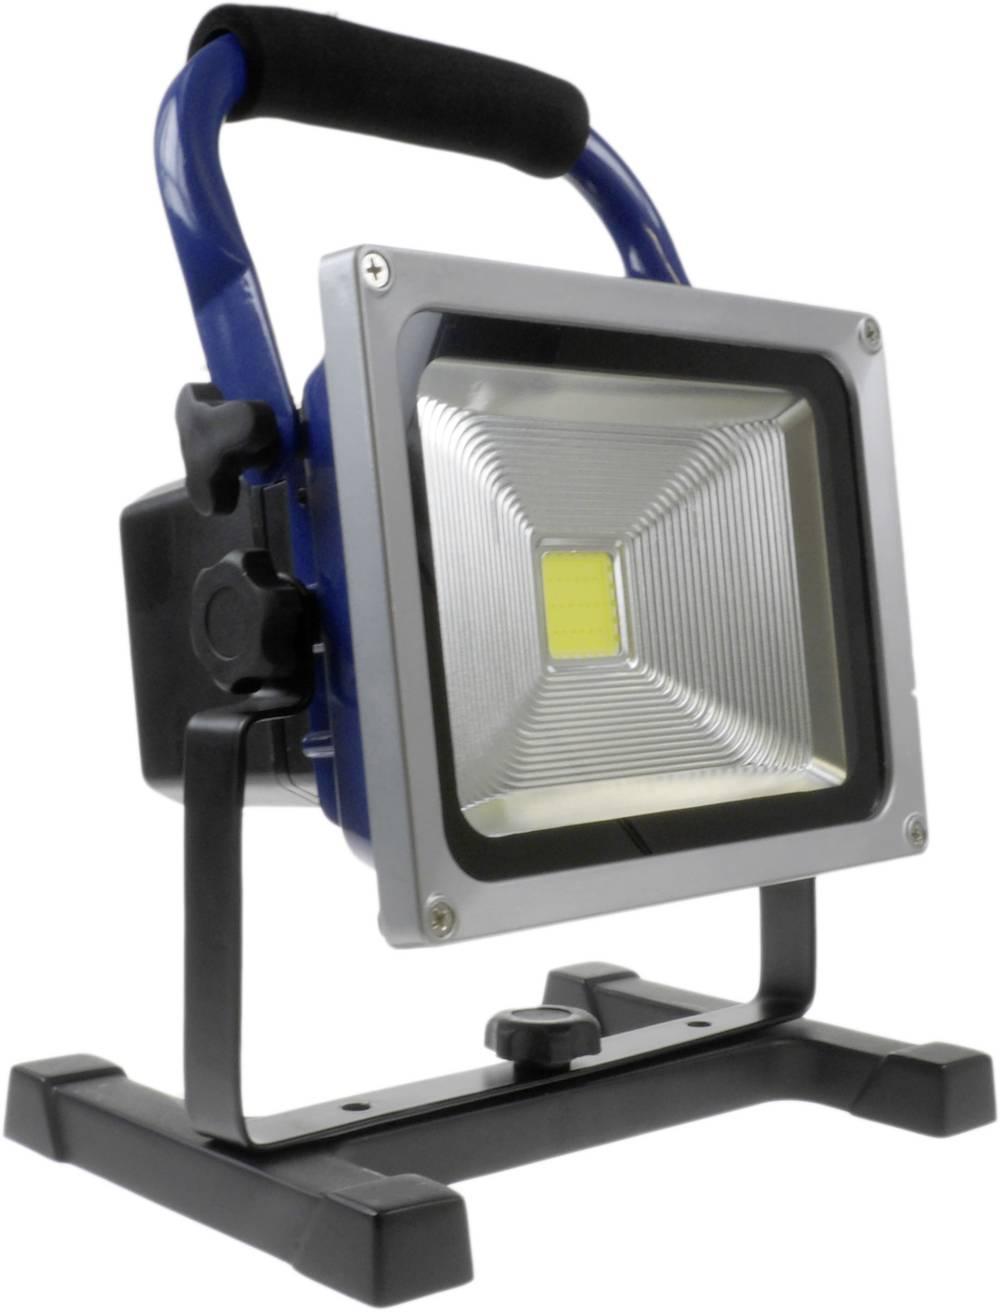 SMD-LED Arbejdslys Batteridrevet XCell 140966 20 W 1600 lm